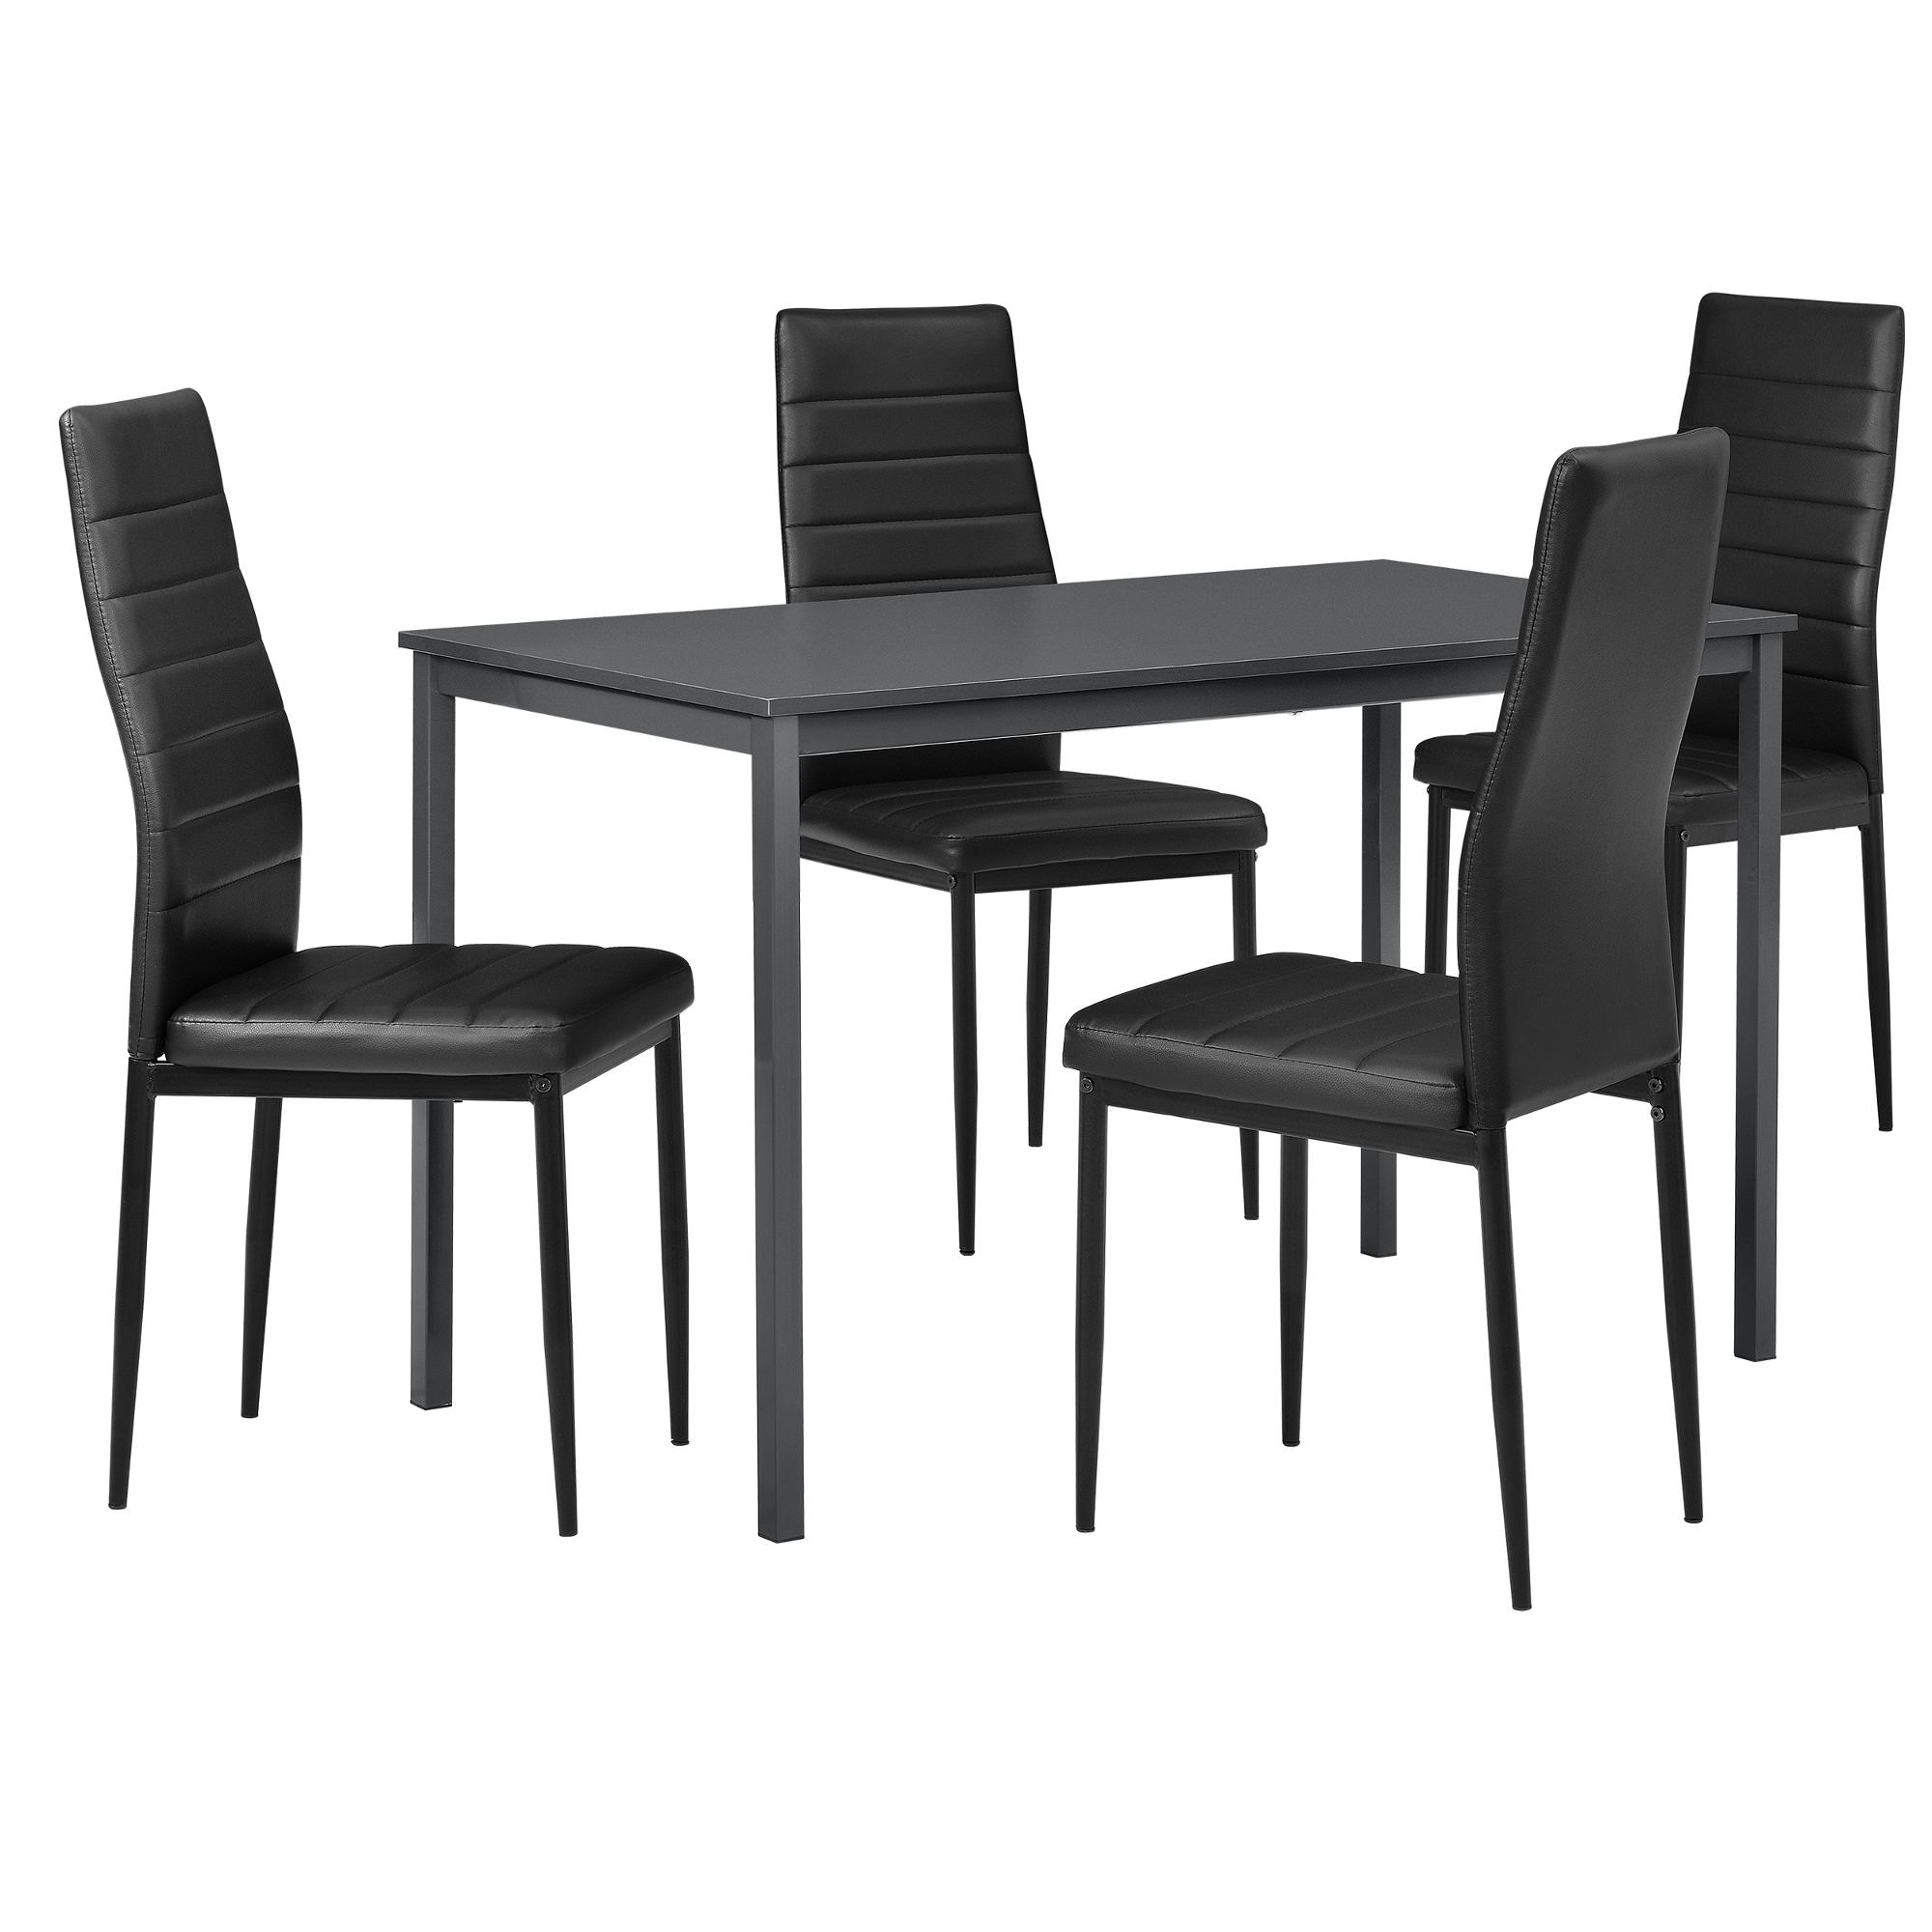 en.casa]® Table à manger + 4 chaise gris/noir 120x60cm table de ...